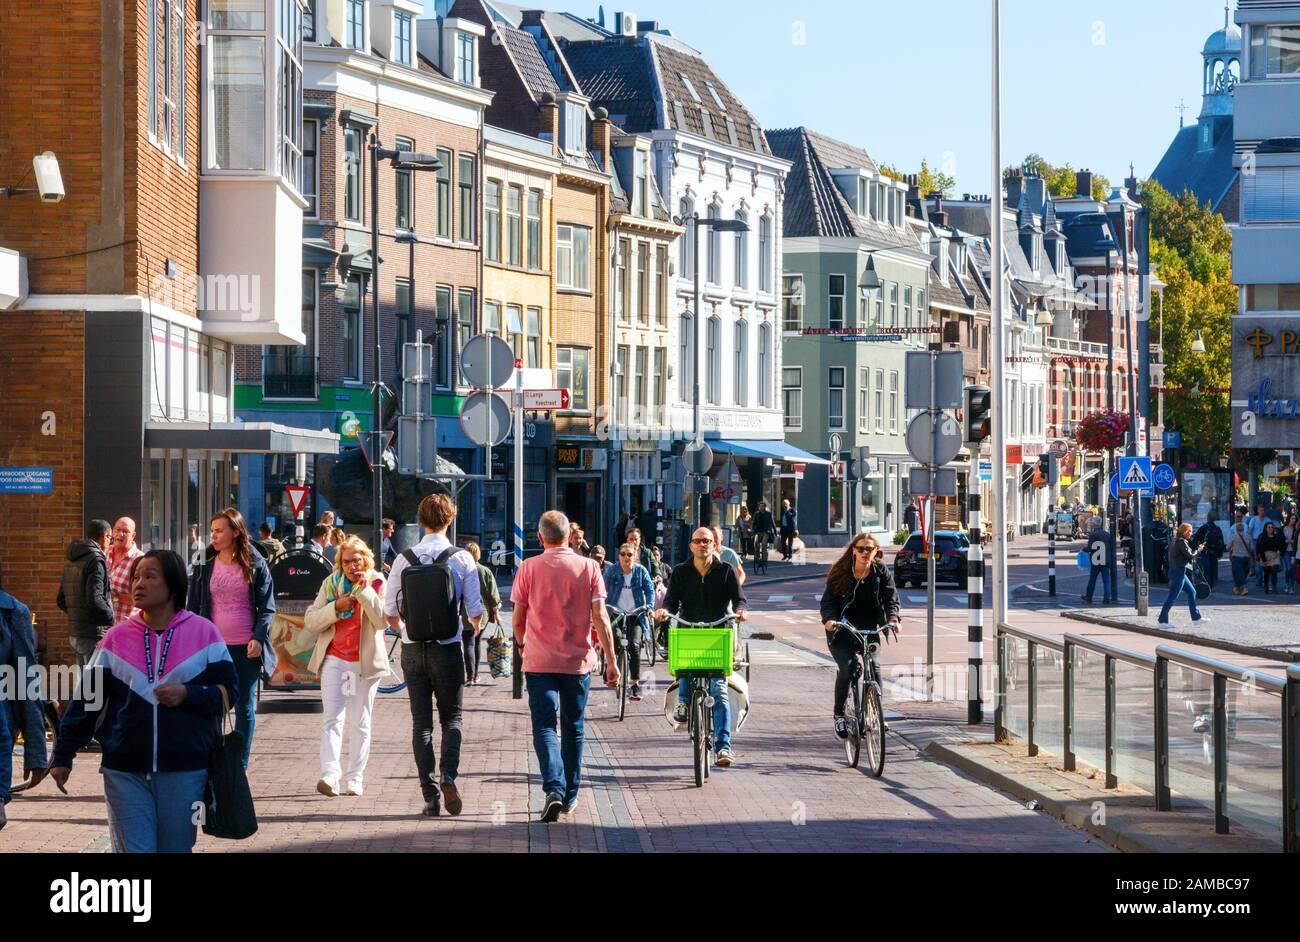 El centro de la ciudad de Utrecht estaba lleno de ciclistas y peatones no identificados en Lange Jansstraat en una tarde soleada. Países Bajos. Foto de stock